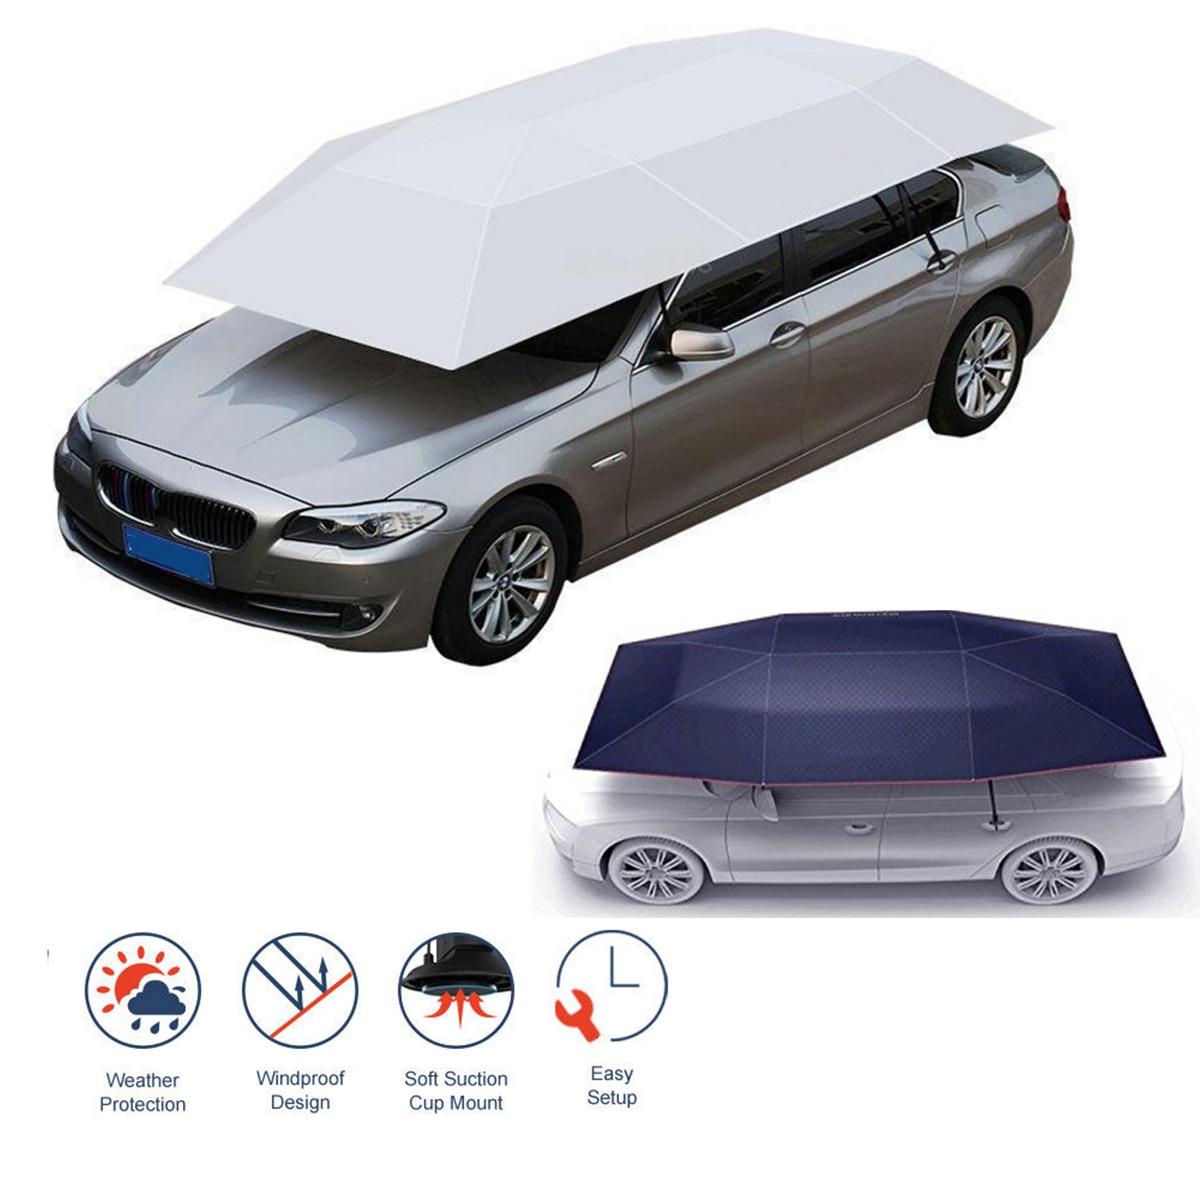 Semi-automatique en plein air voiture véhicule tente parapluie parasol toit couverture Anti-UV Kit voiture parapluie soleil ombre voiture parapluie